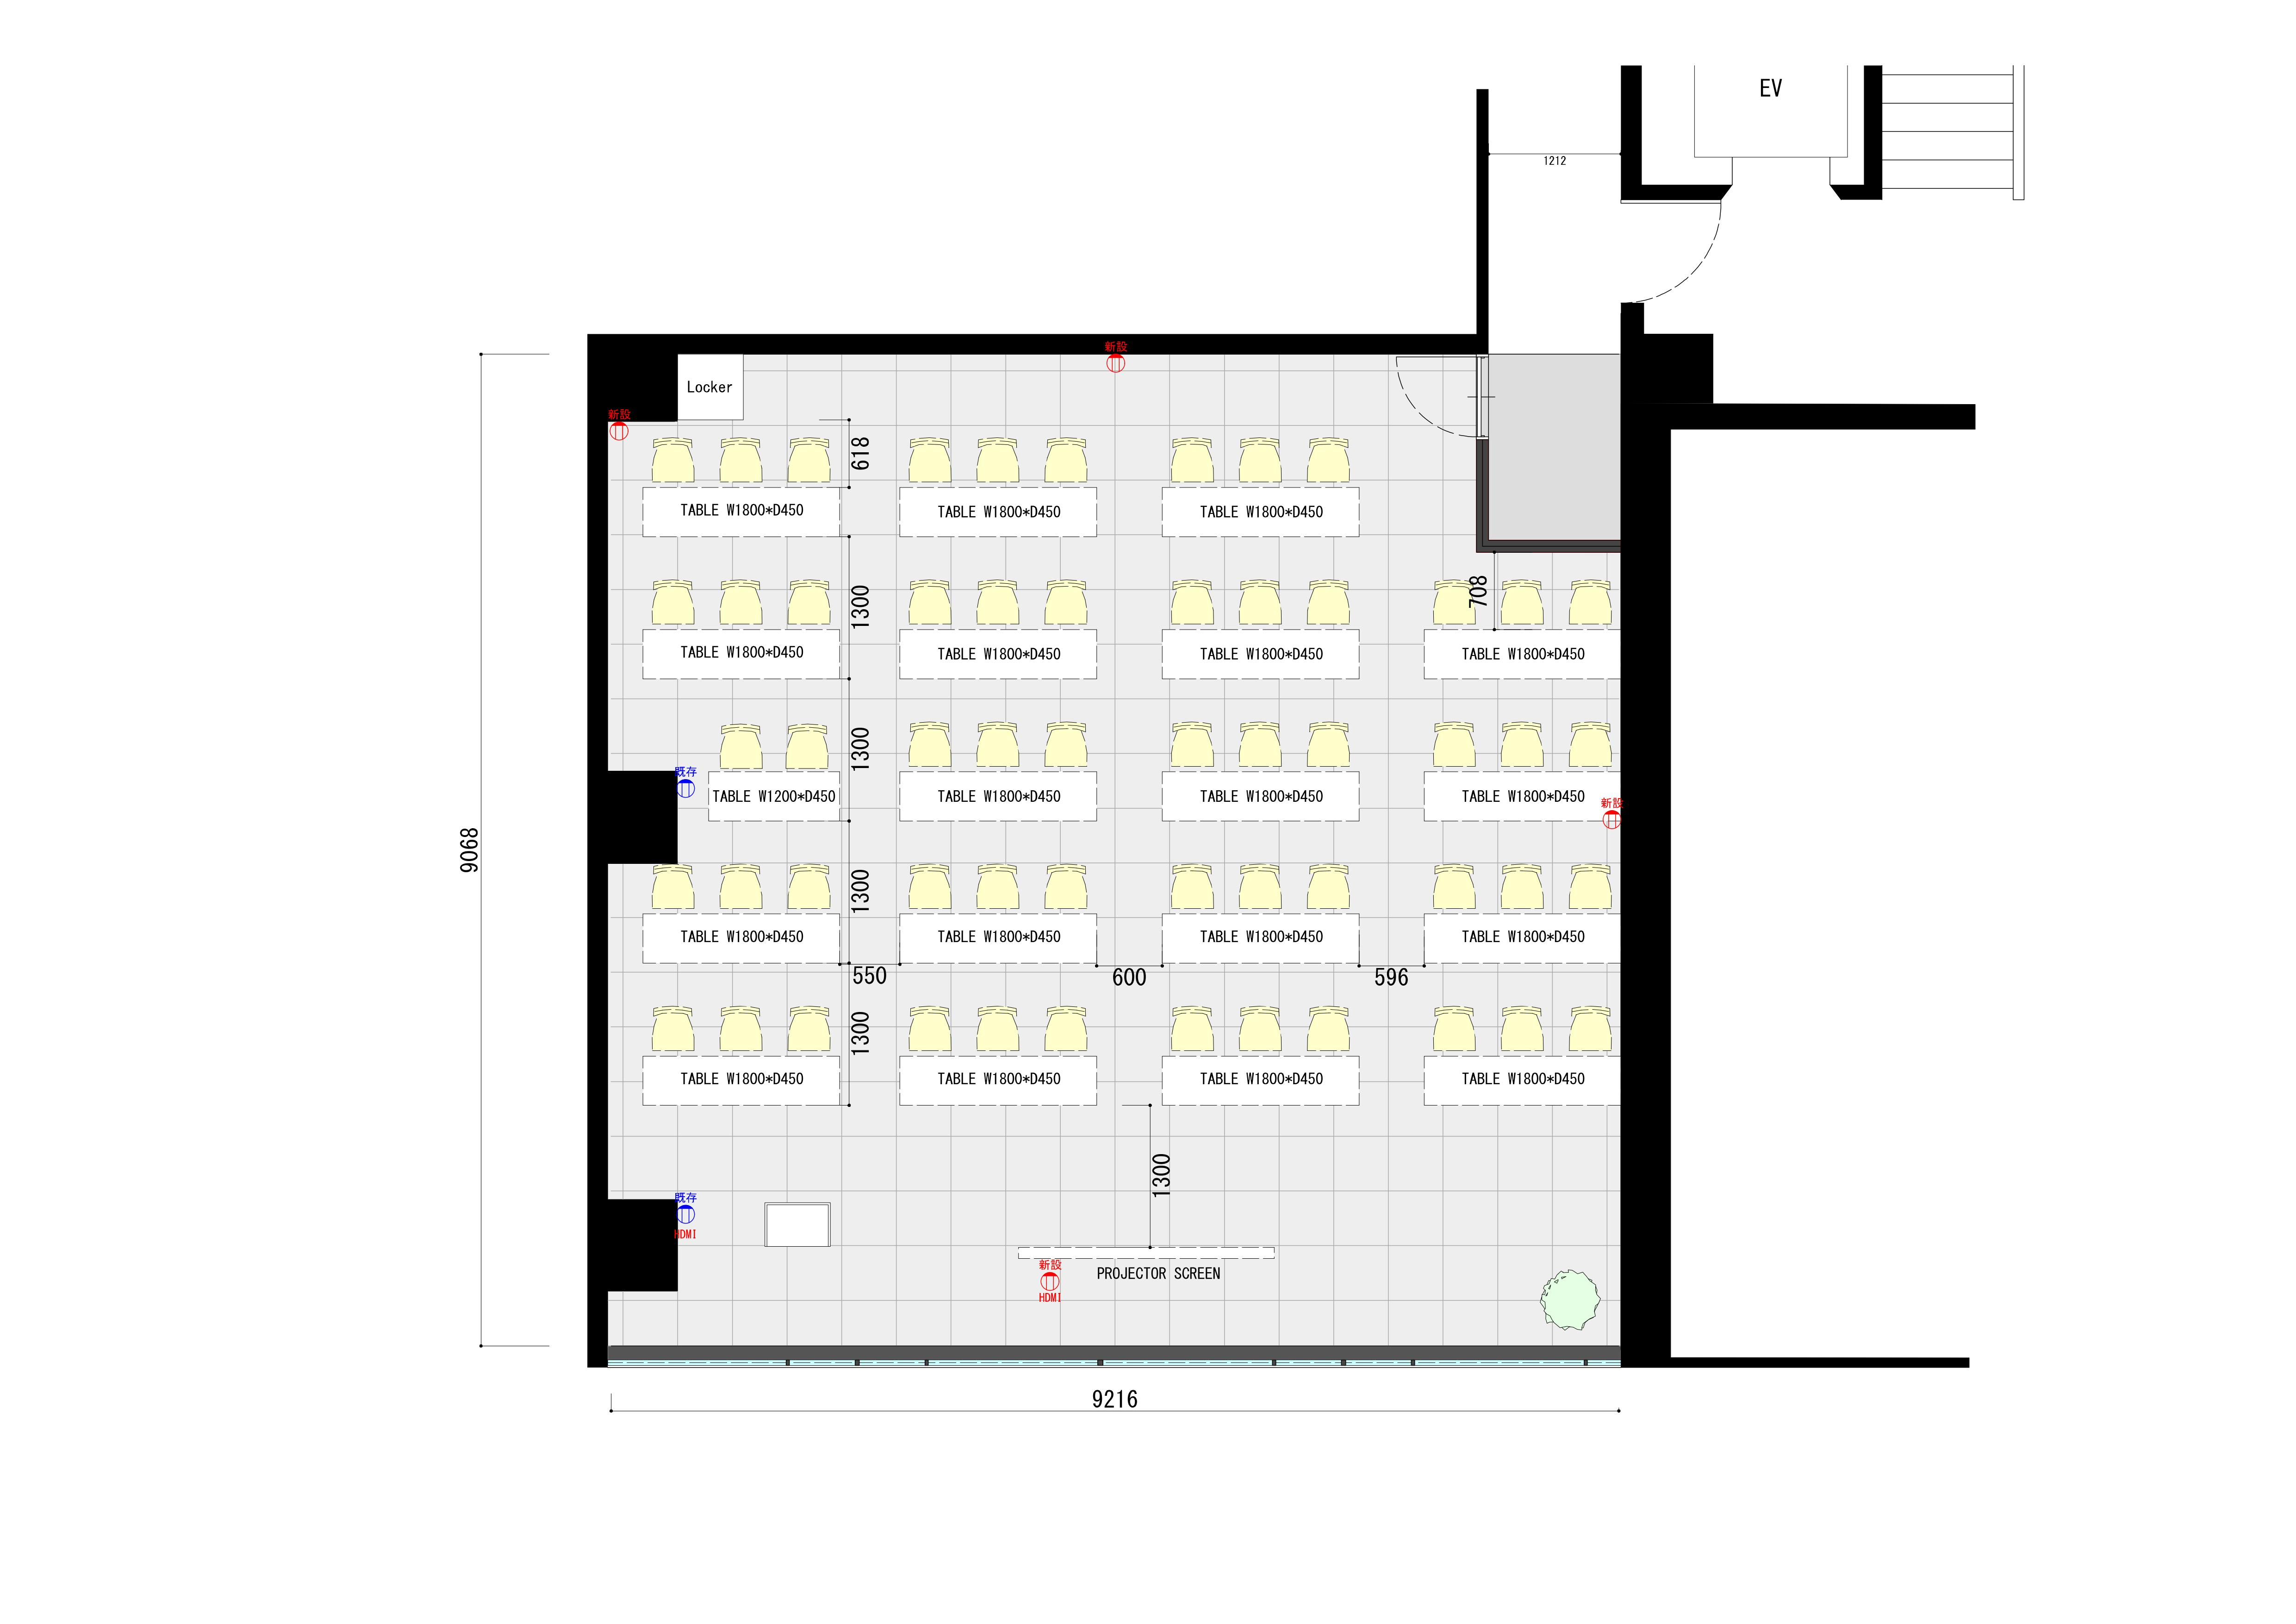 みんなの会議室 渋谷宮益坂3B (ID:) 図面|TIME SHARING|タイムシェアリング |スペースマネジメント|あどばる|adval